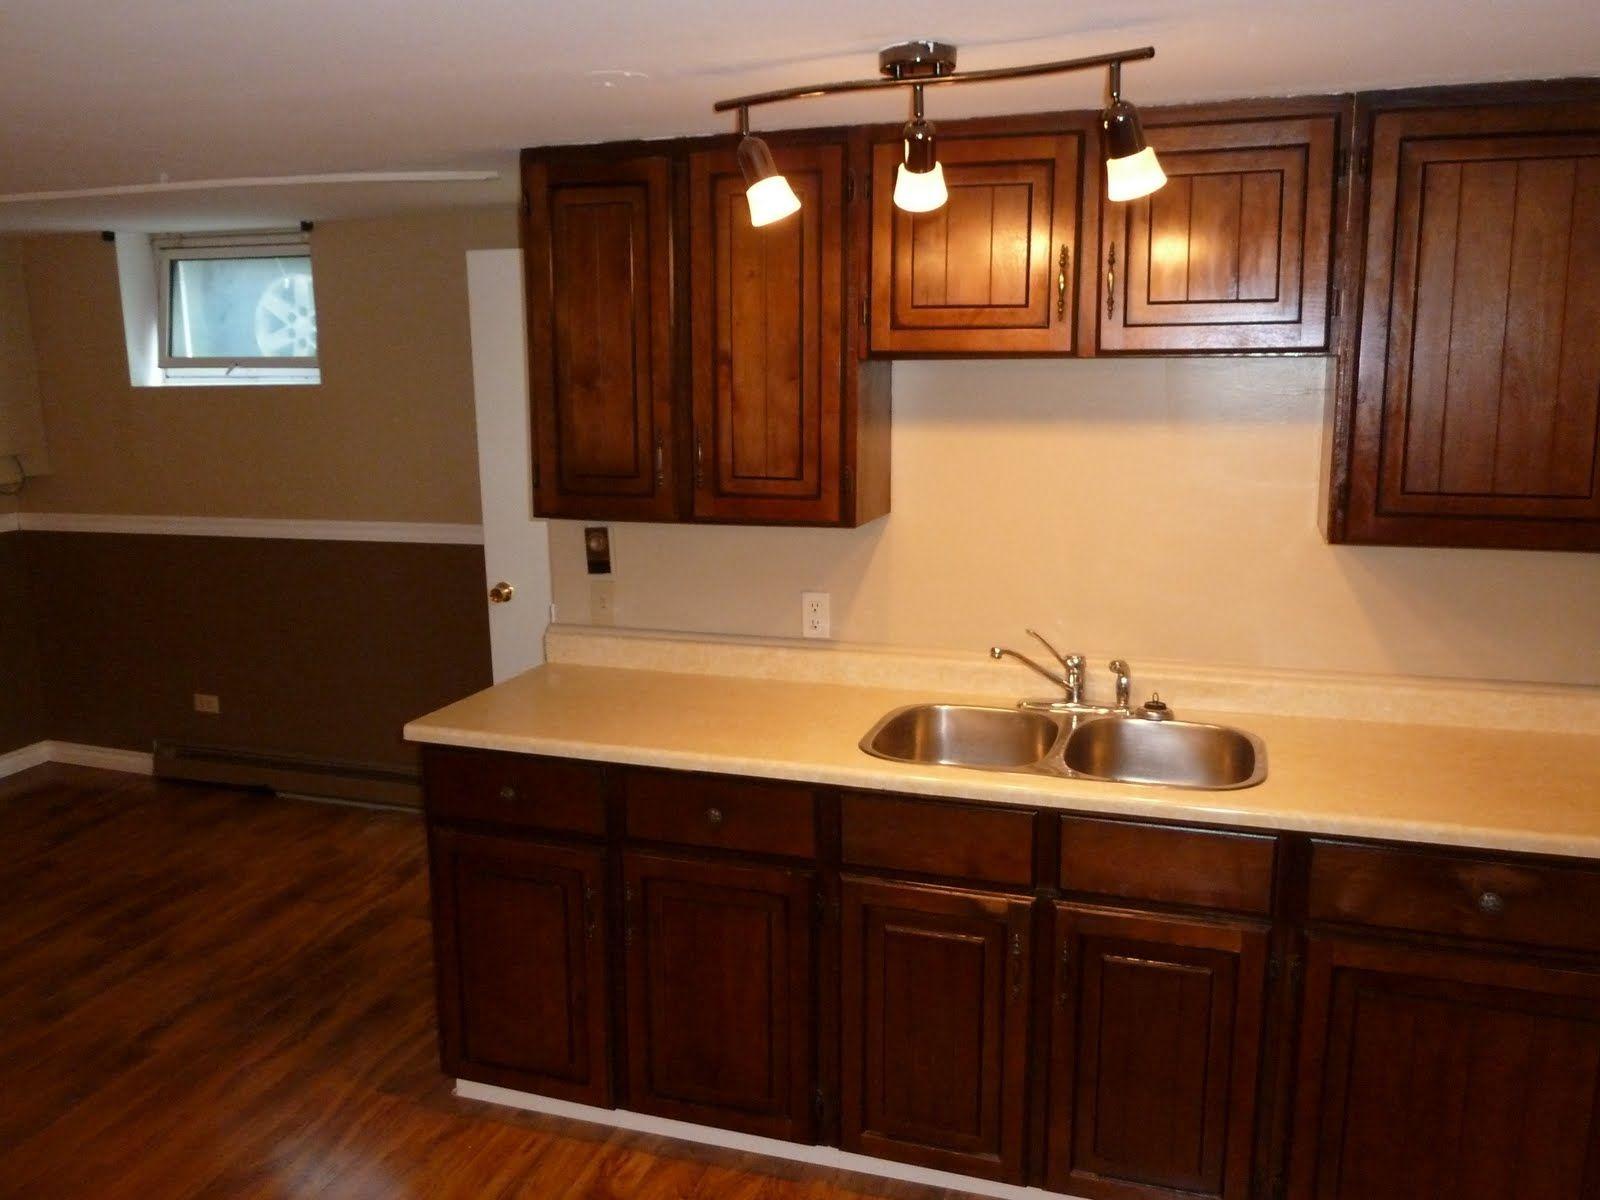 Basement basement apartment for rent Basement basement apartment for rent